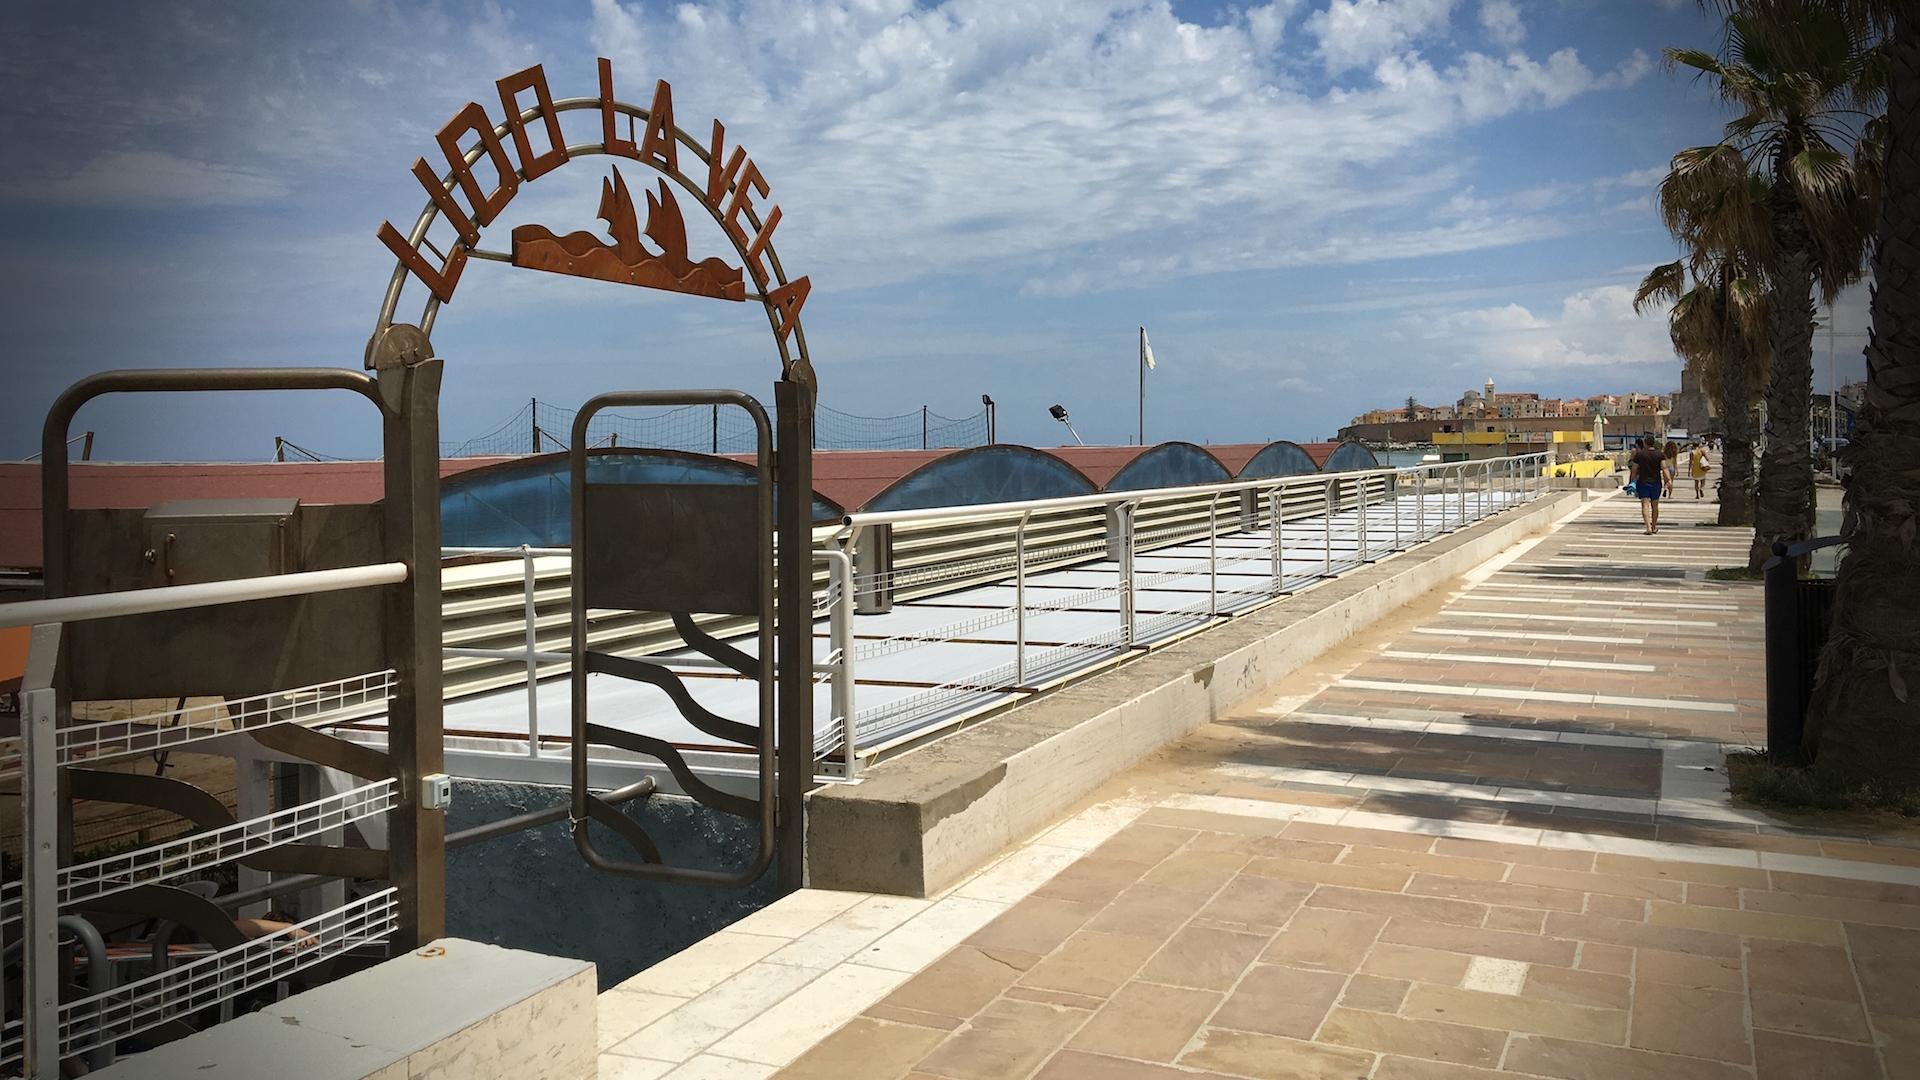 Lido la vela azienda autonoma di soggiorno e turismo termoli for Azienda soggiorno e turismo termoli